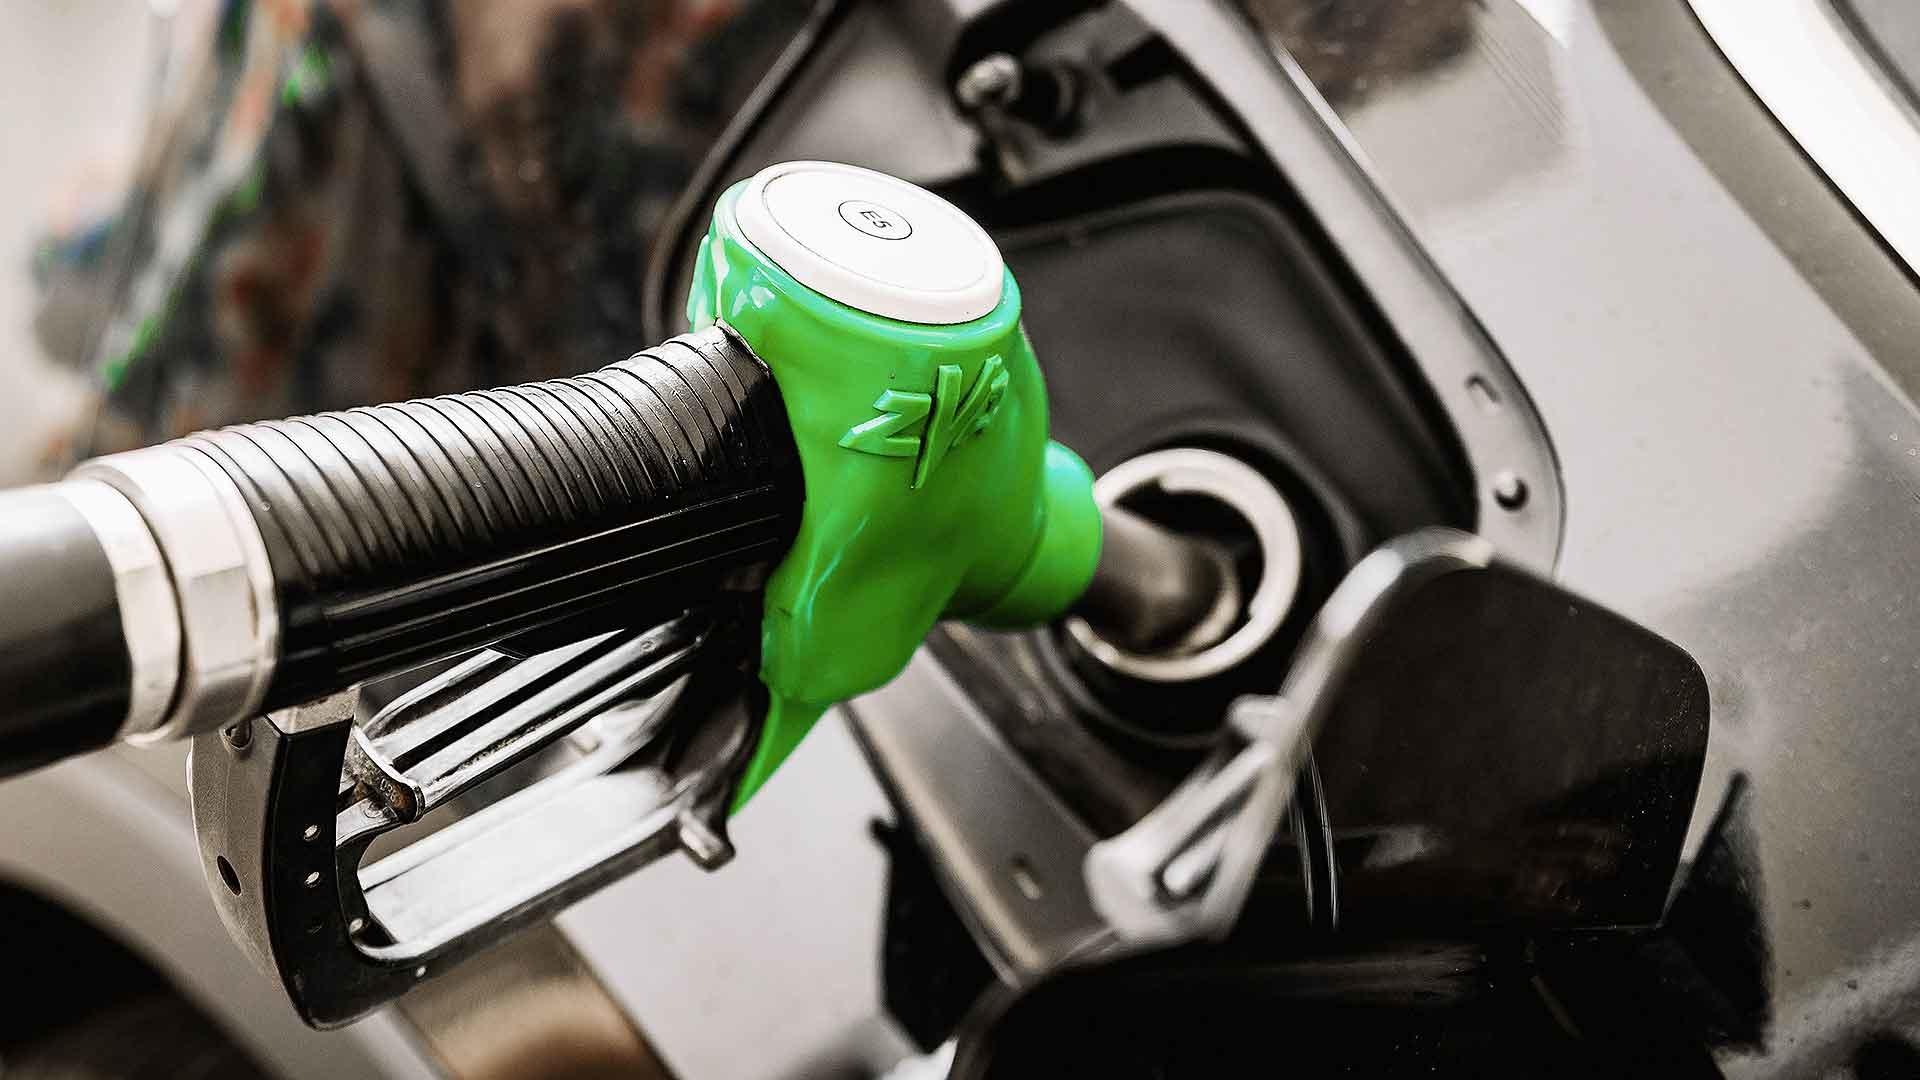 Unleaded petrol pump